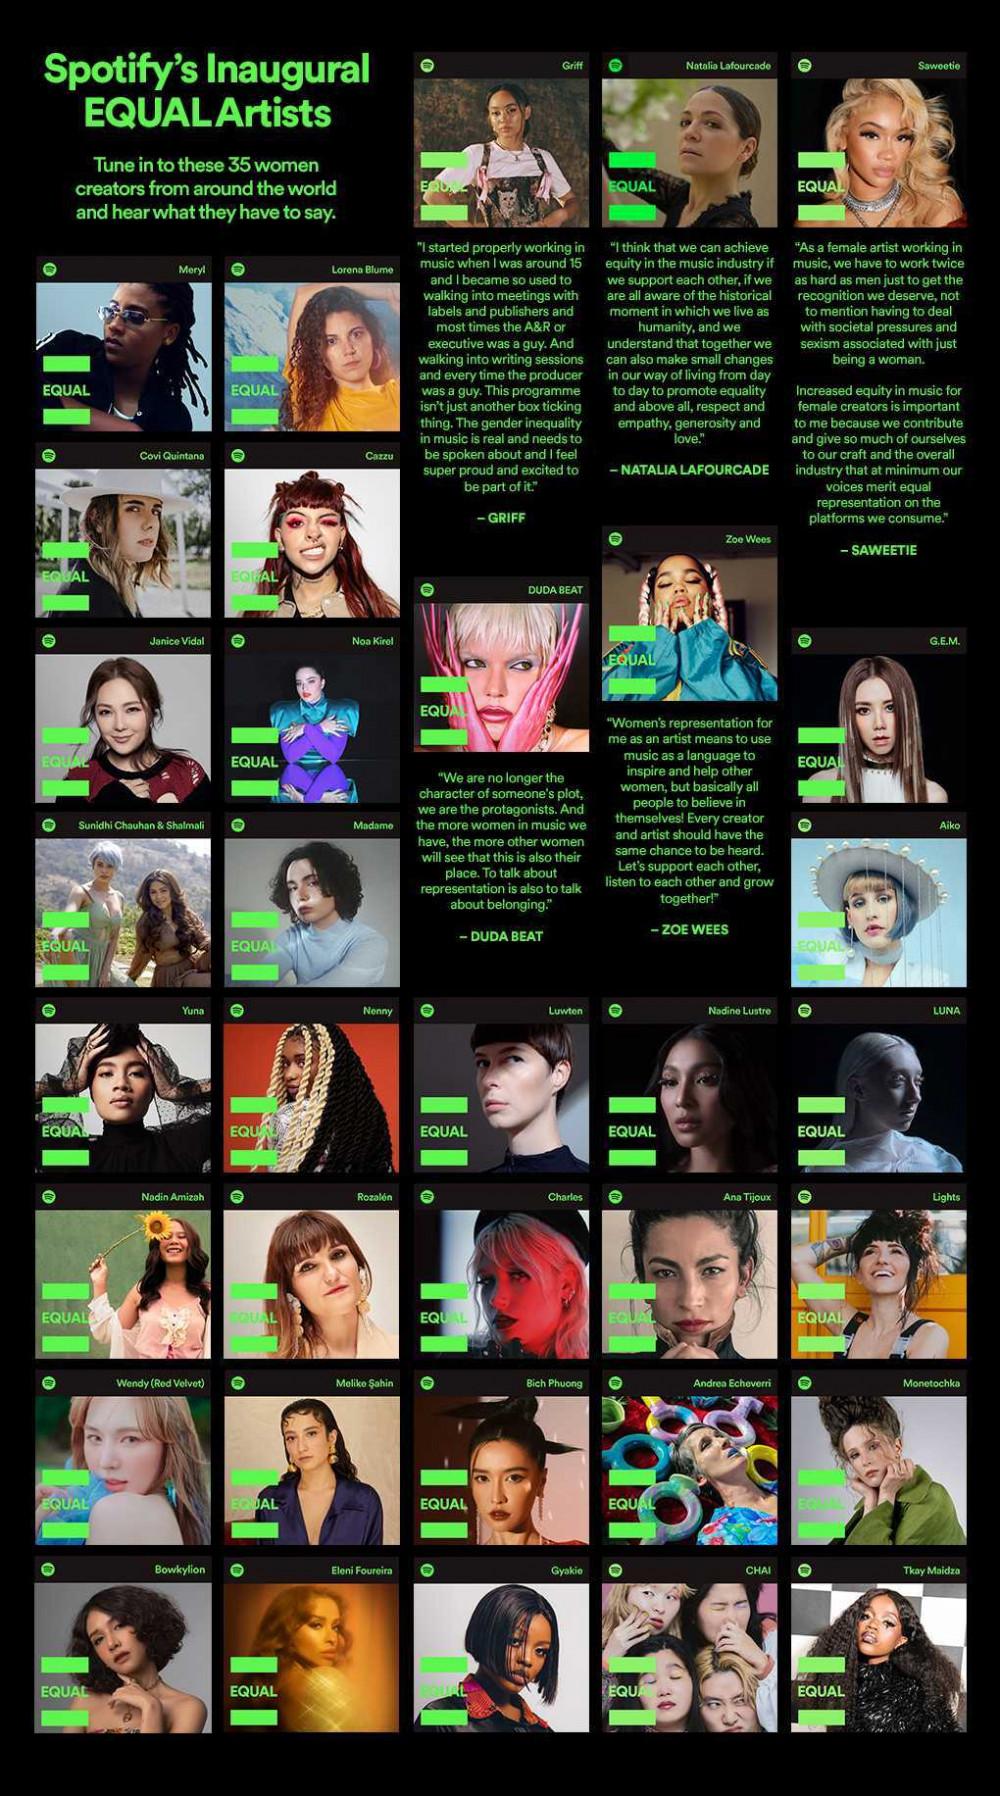 Nhiều nữ ca sĩ tên tuổi trên khắp thế giới đã tham gia vào chiến dịch toàn cầu của Spotify